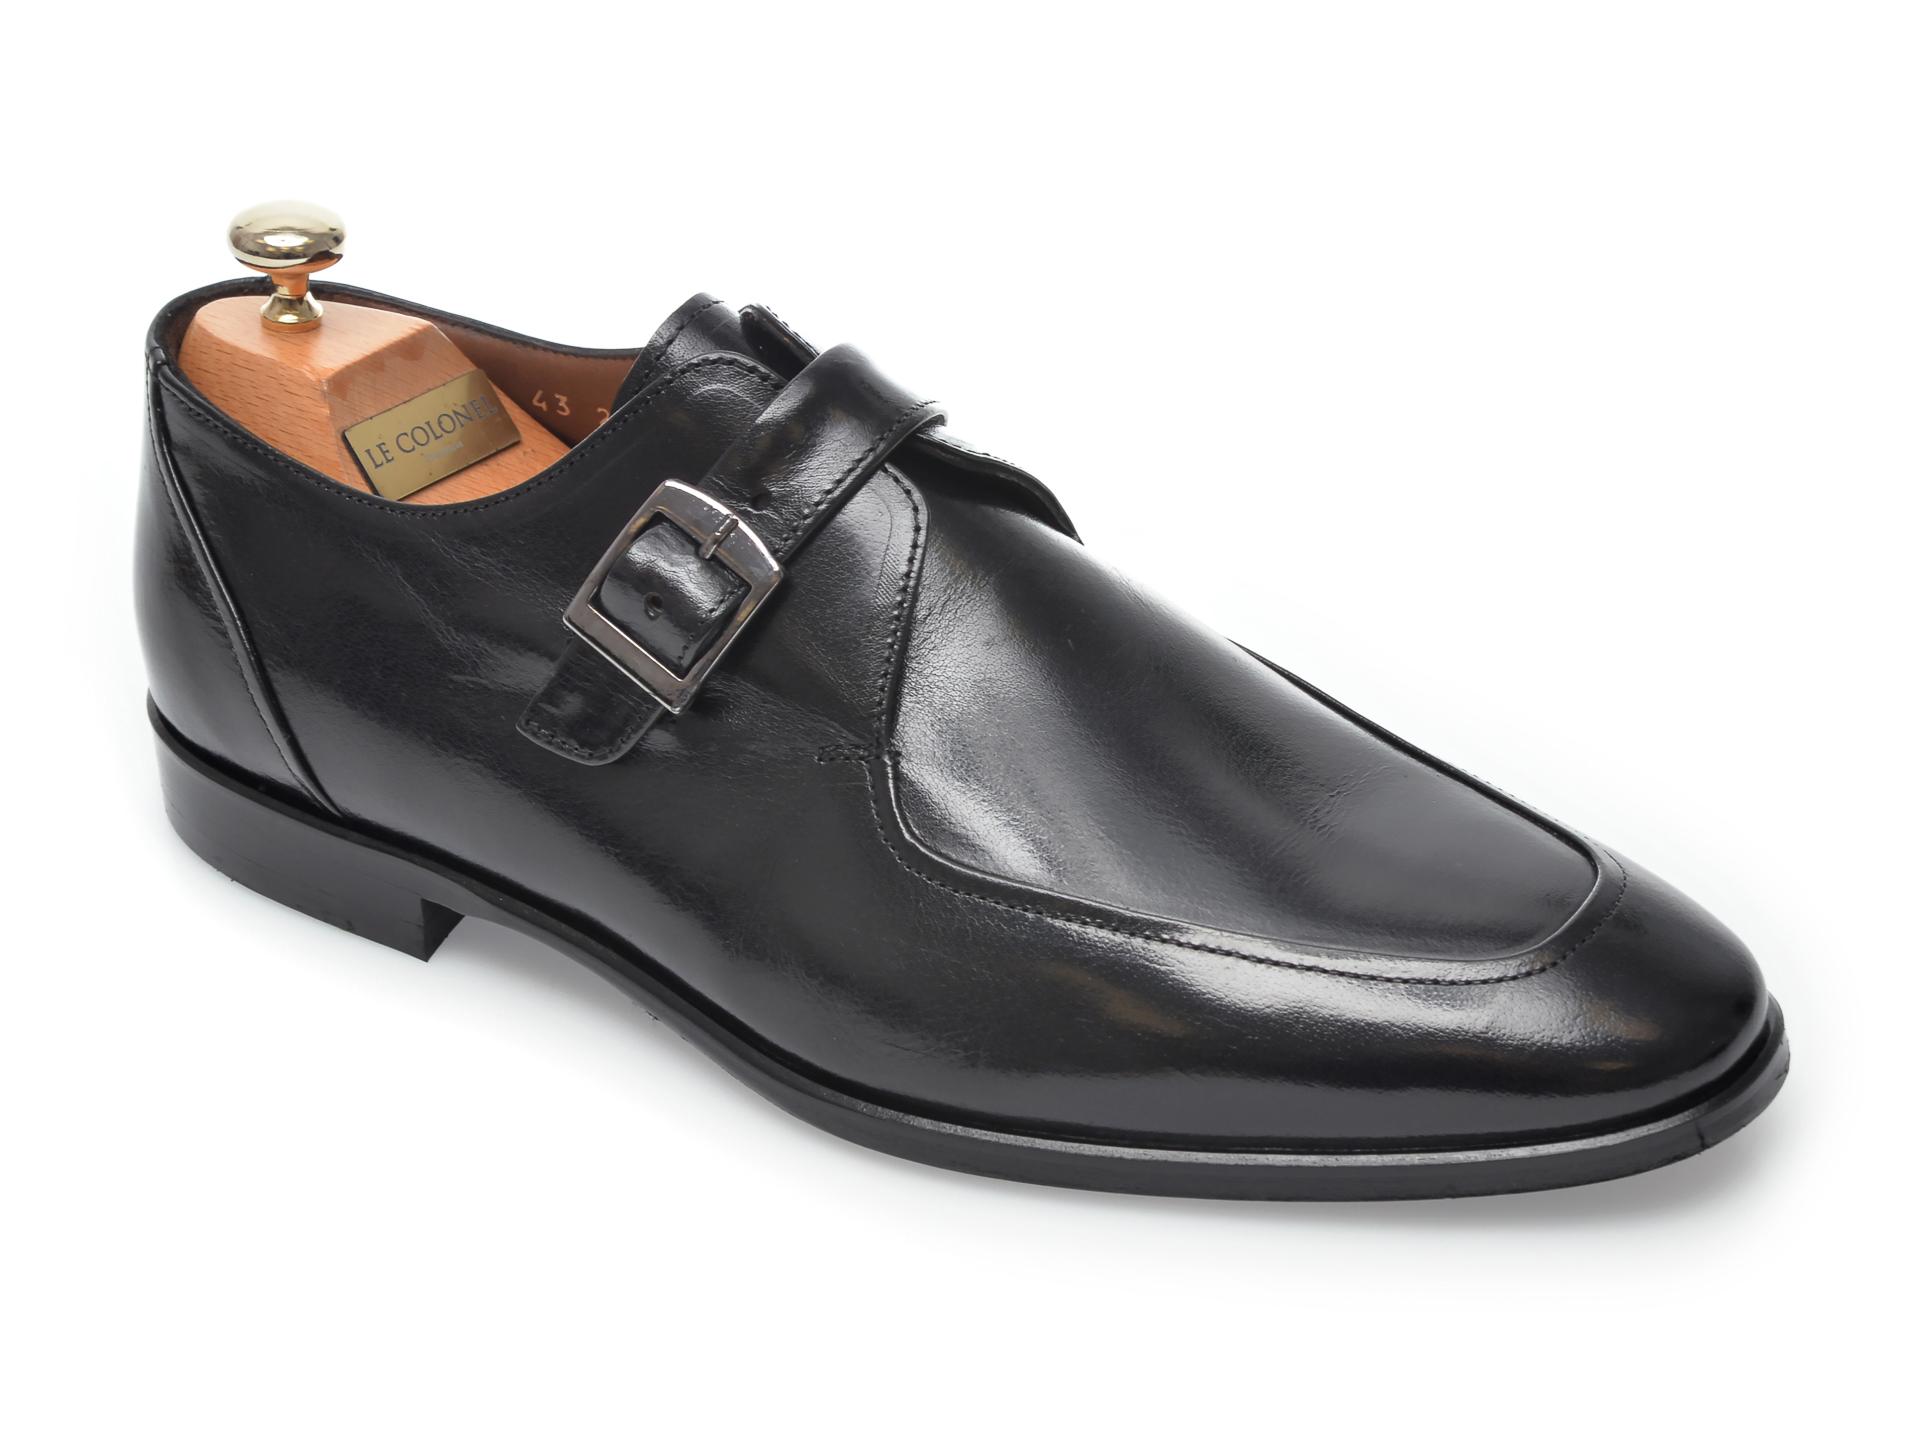 Pantofi LE COLONEL negri, 47901, din piele naturala imagine otter.ro 2021